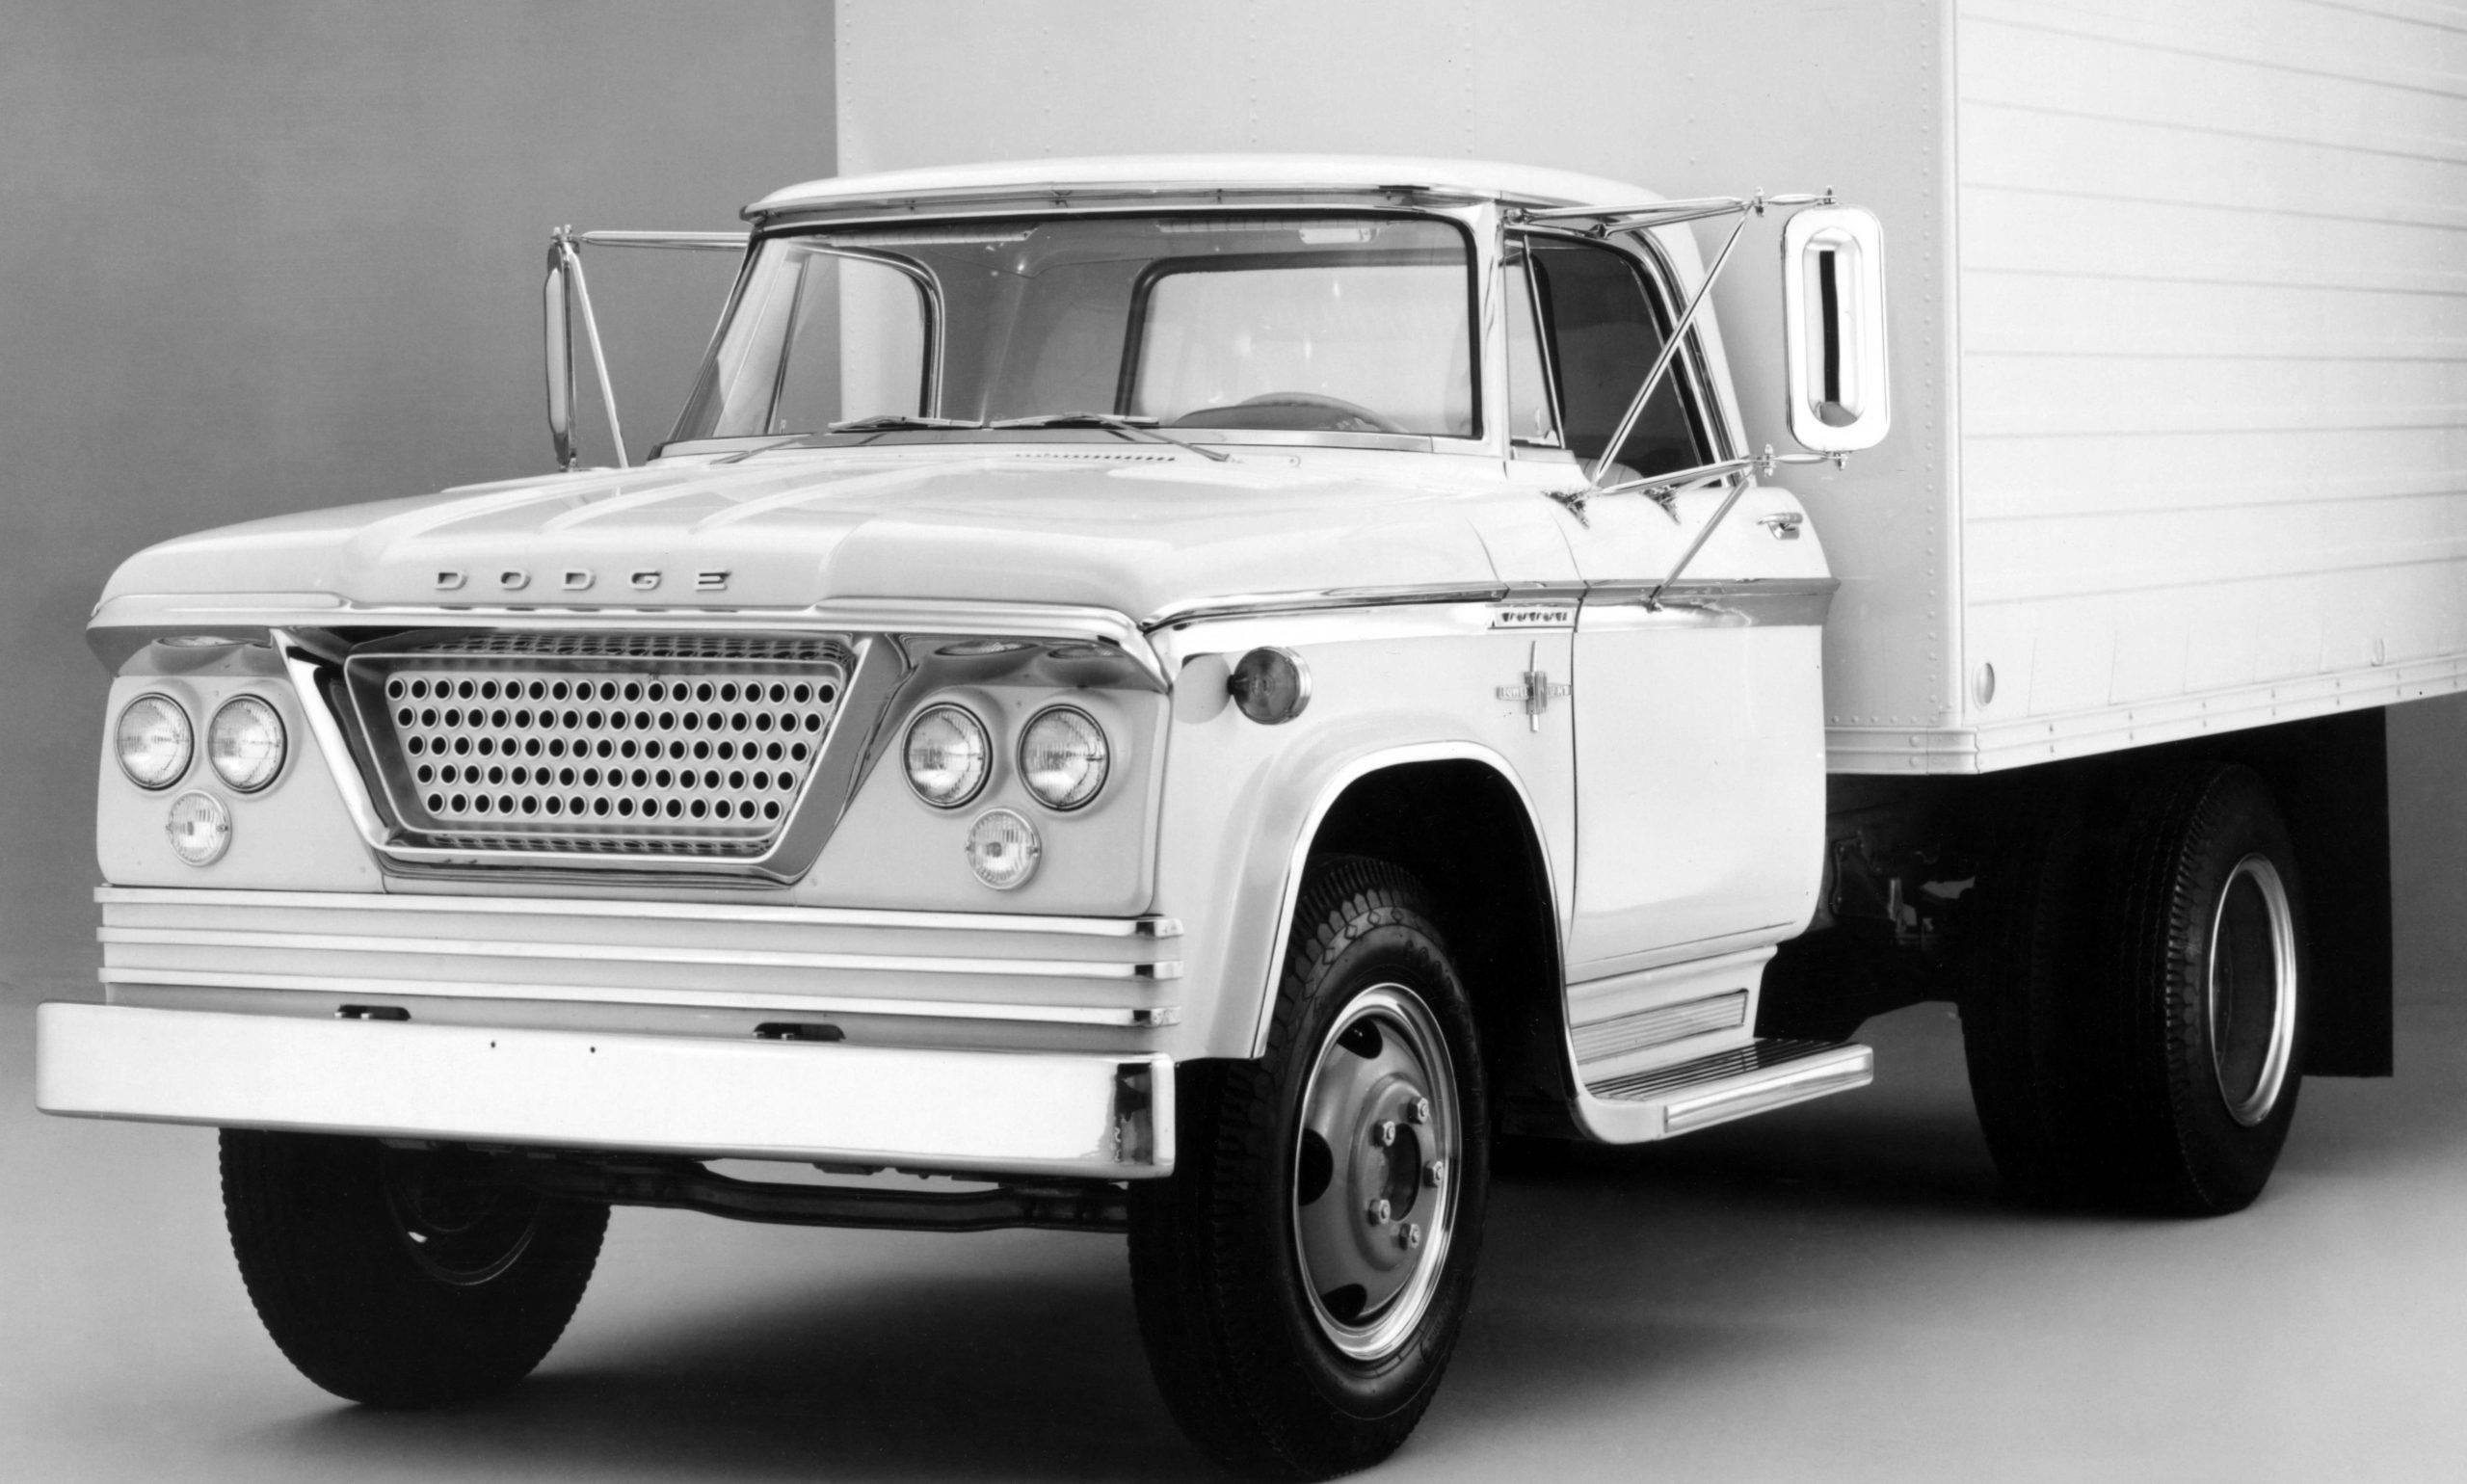 Chrysler Turbine history - 1960 Dodge Truck Turbine front left